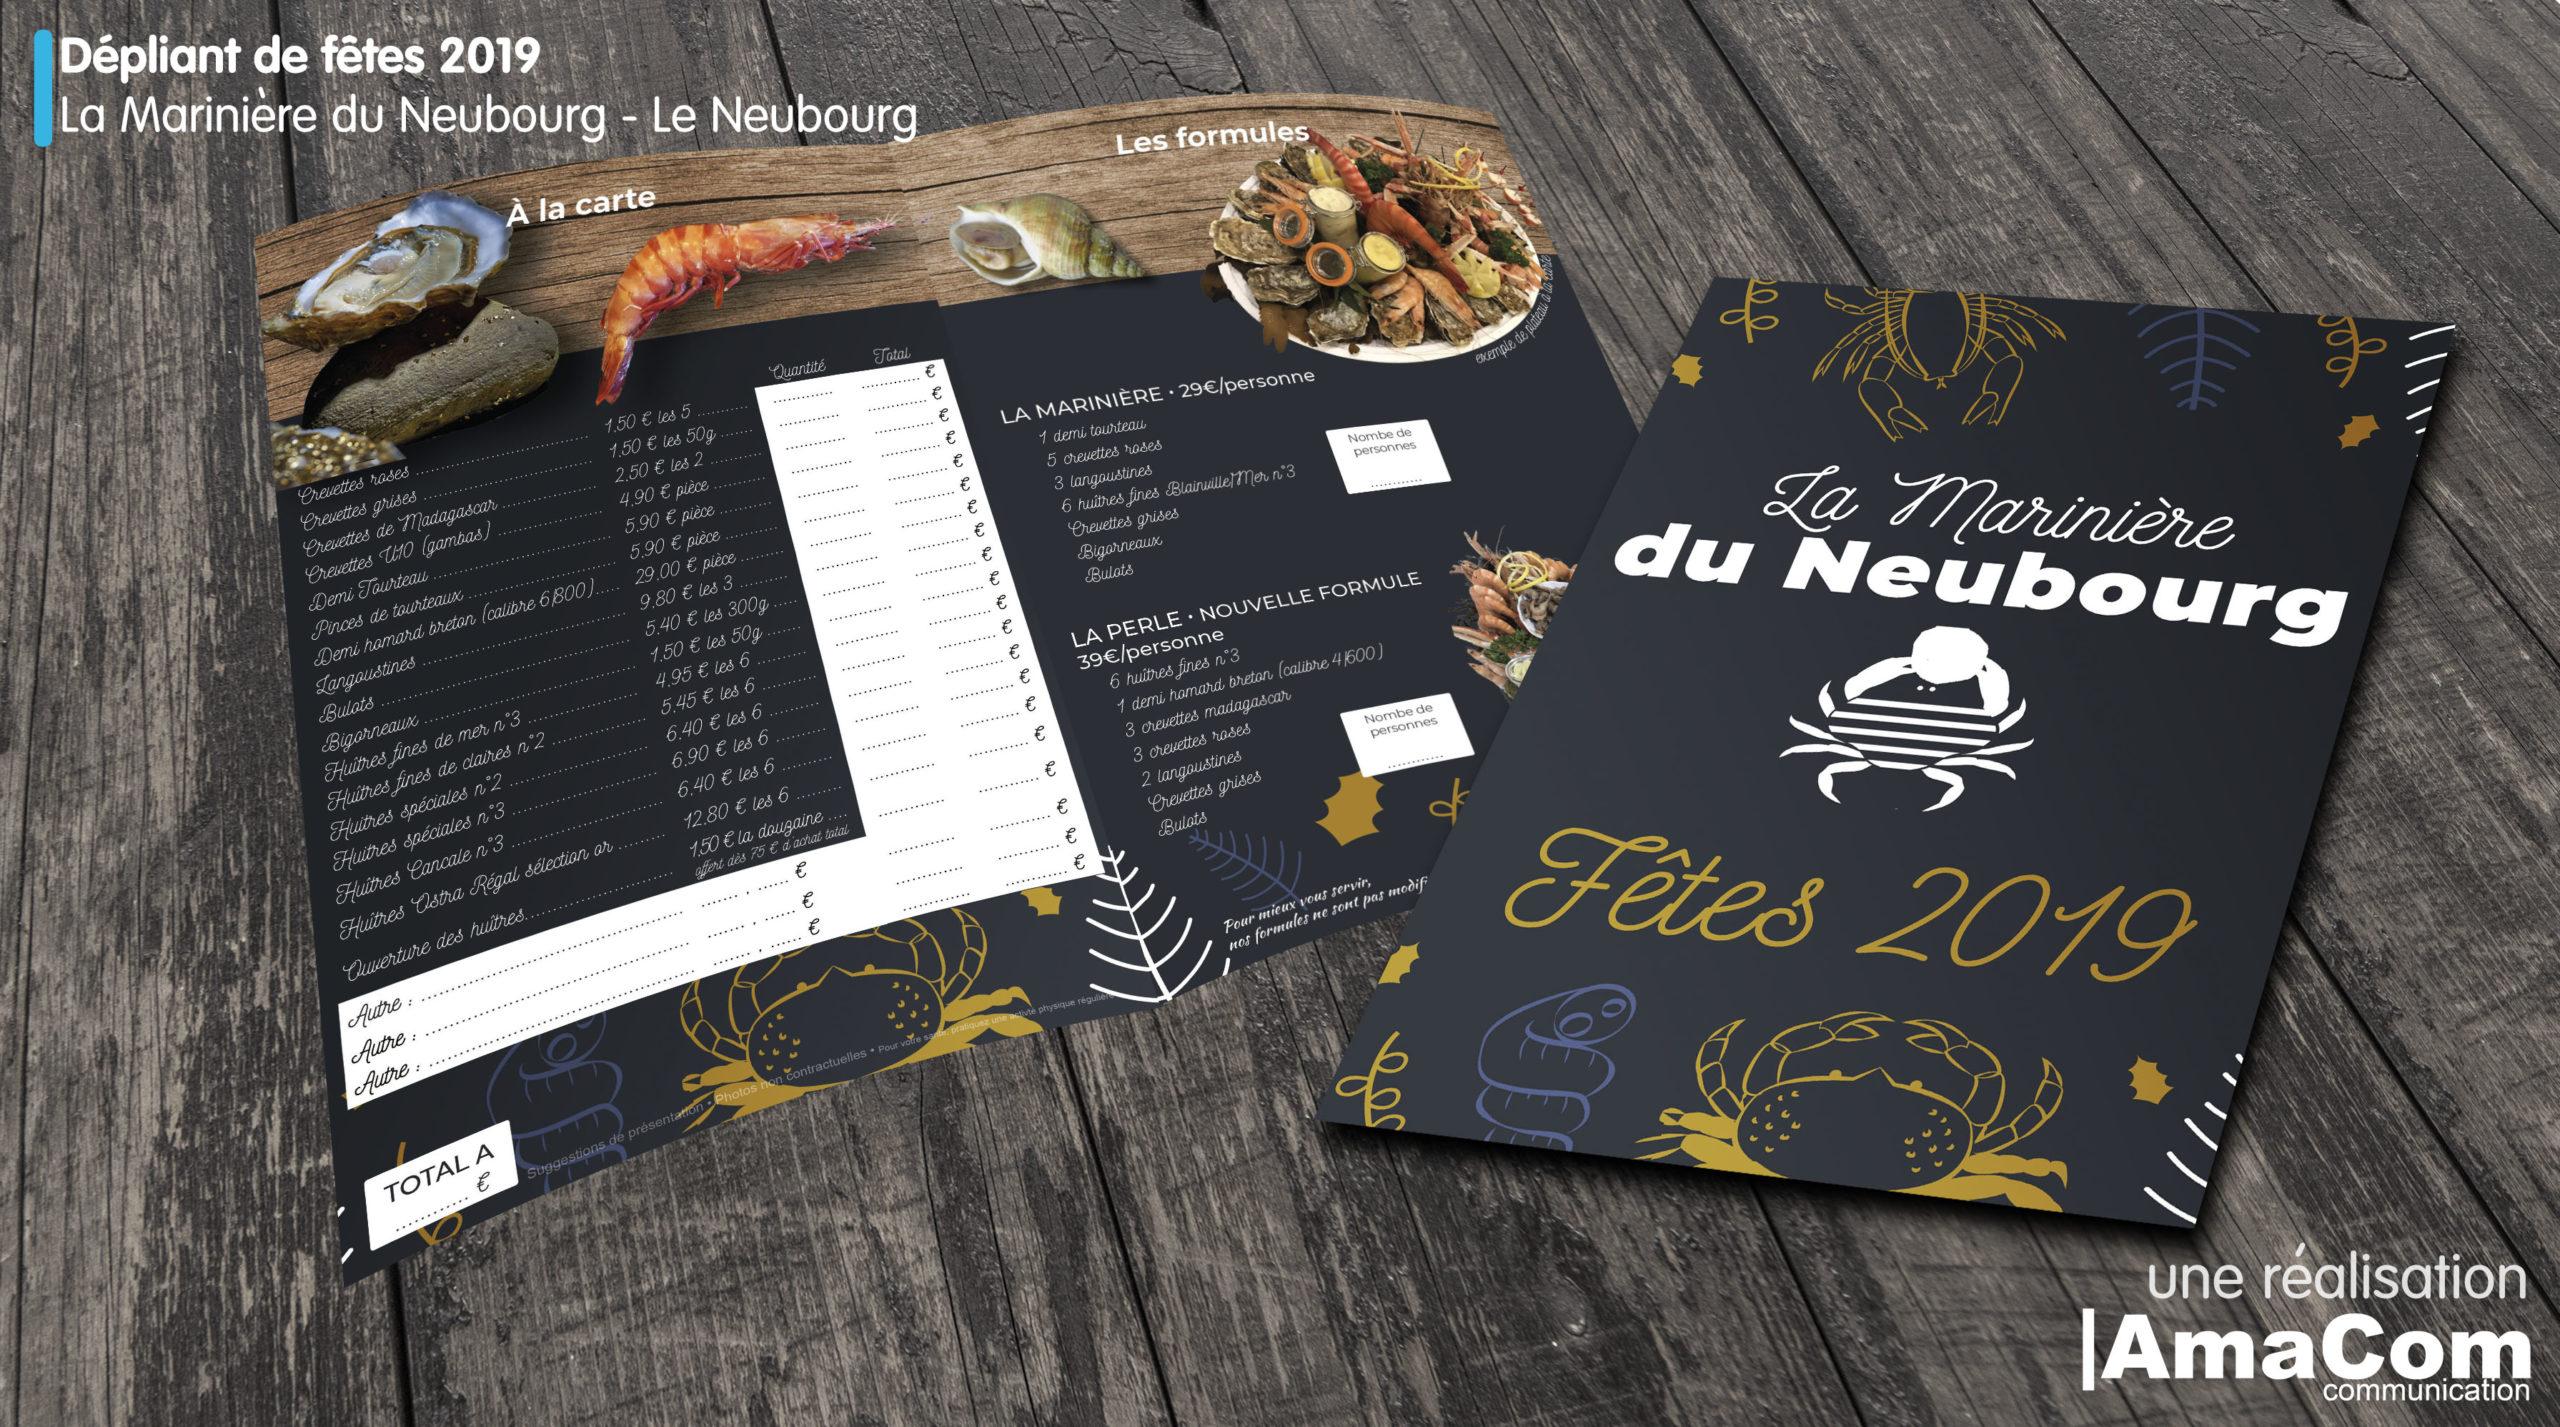 Dépliant de fêtes de fin d'année Poissonnerie La Marinière du Neubourg Eure Normandie